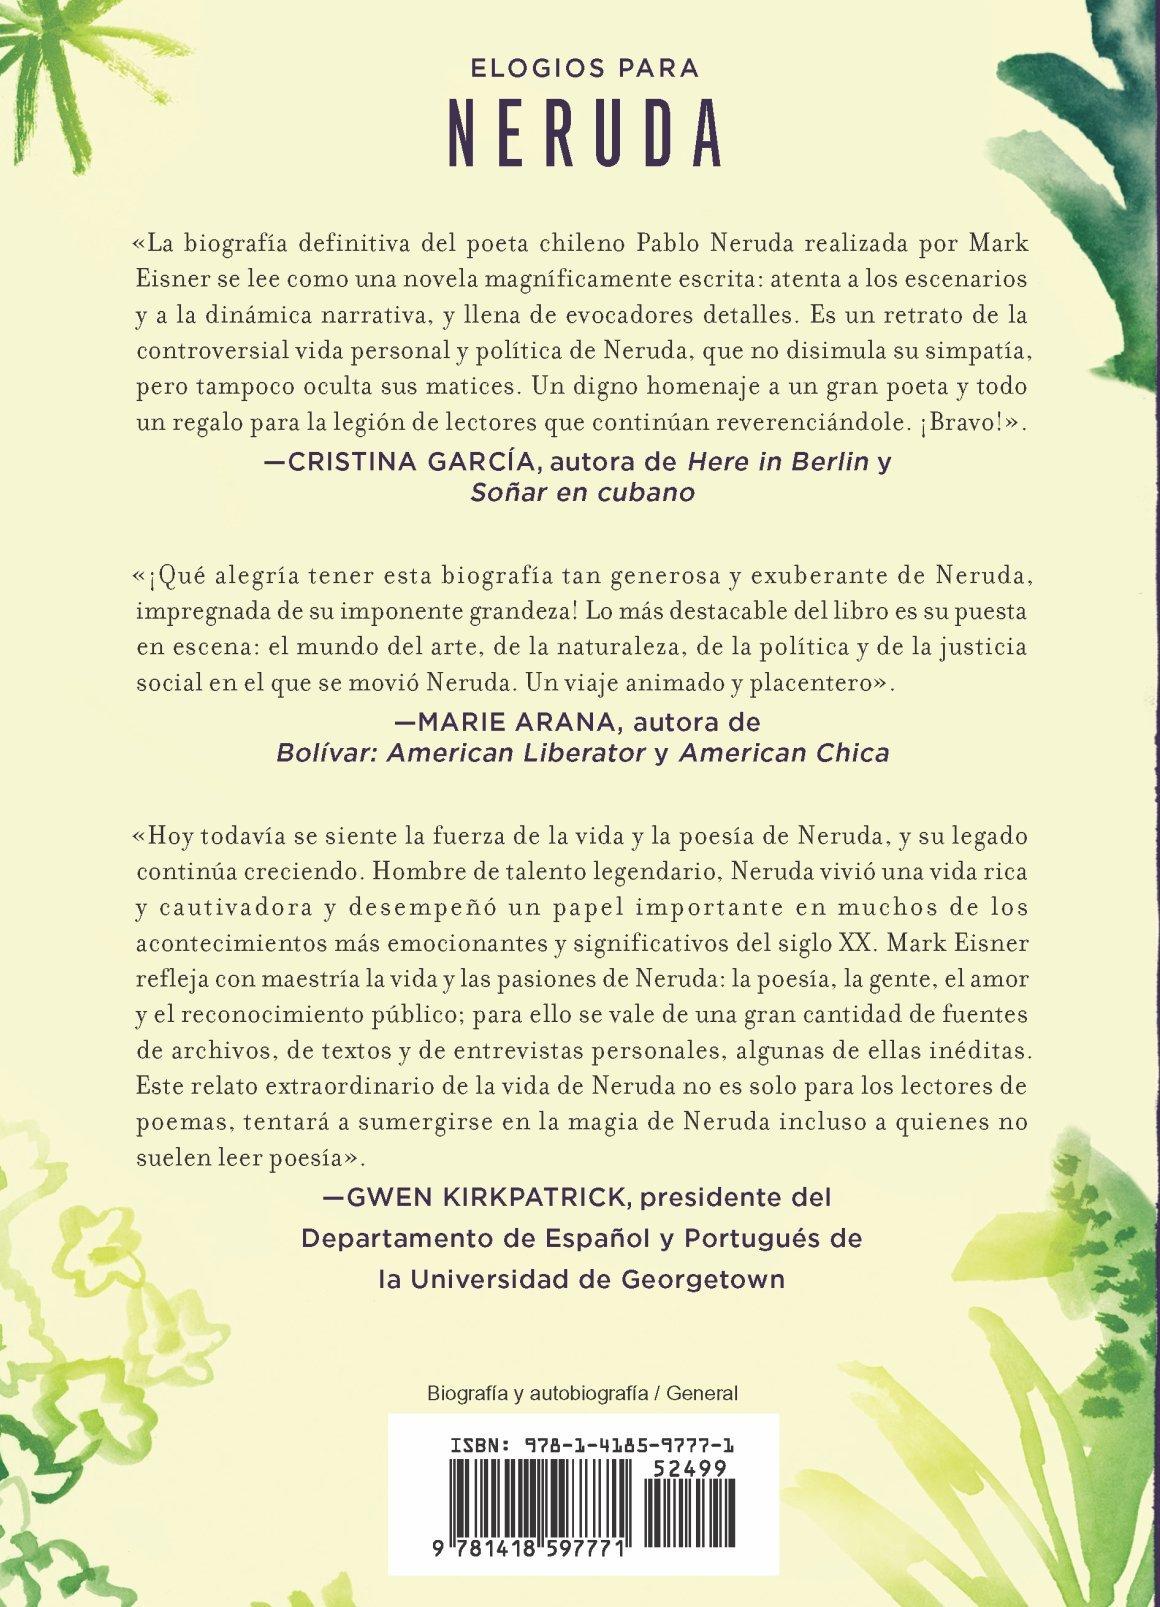 Neruda: el llamado del poeta (Spanish Edition)